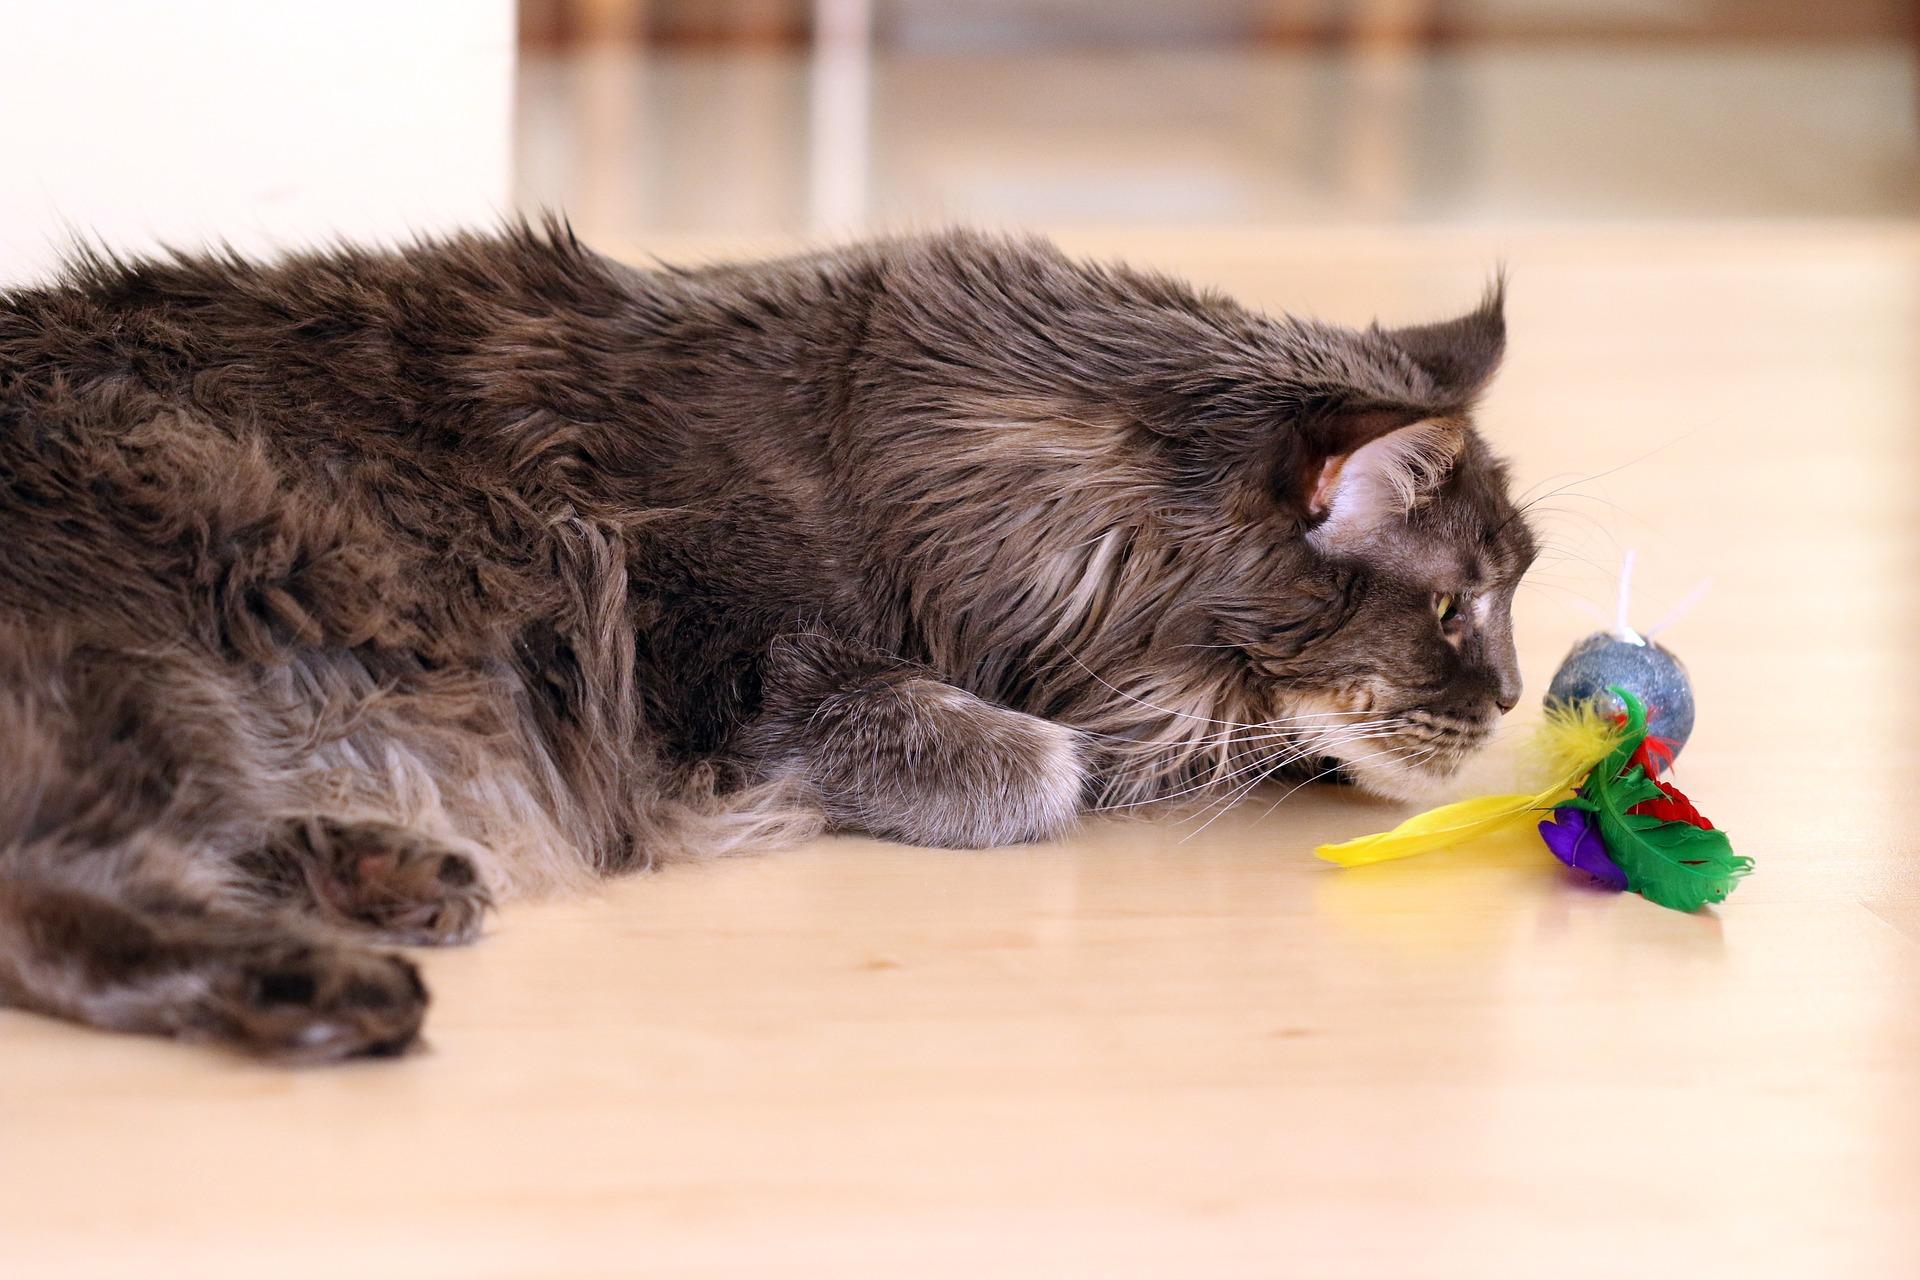 Zabawa z kotem powinna składać się z paru krótkich sesji. Po około 10 minut każda - zakończona schwytaniem zabawki, takich sesji może być kilka pod rząd - w zależności od kondycji kota. Zostawiając kota samego z zabawką należy mieć na uwadze, że nie jest ona niezniszczalna i należy często sprawdzać jej stan.